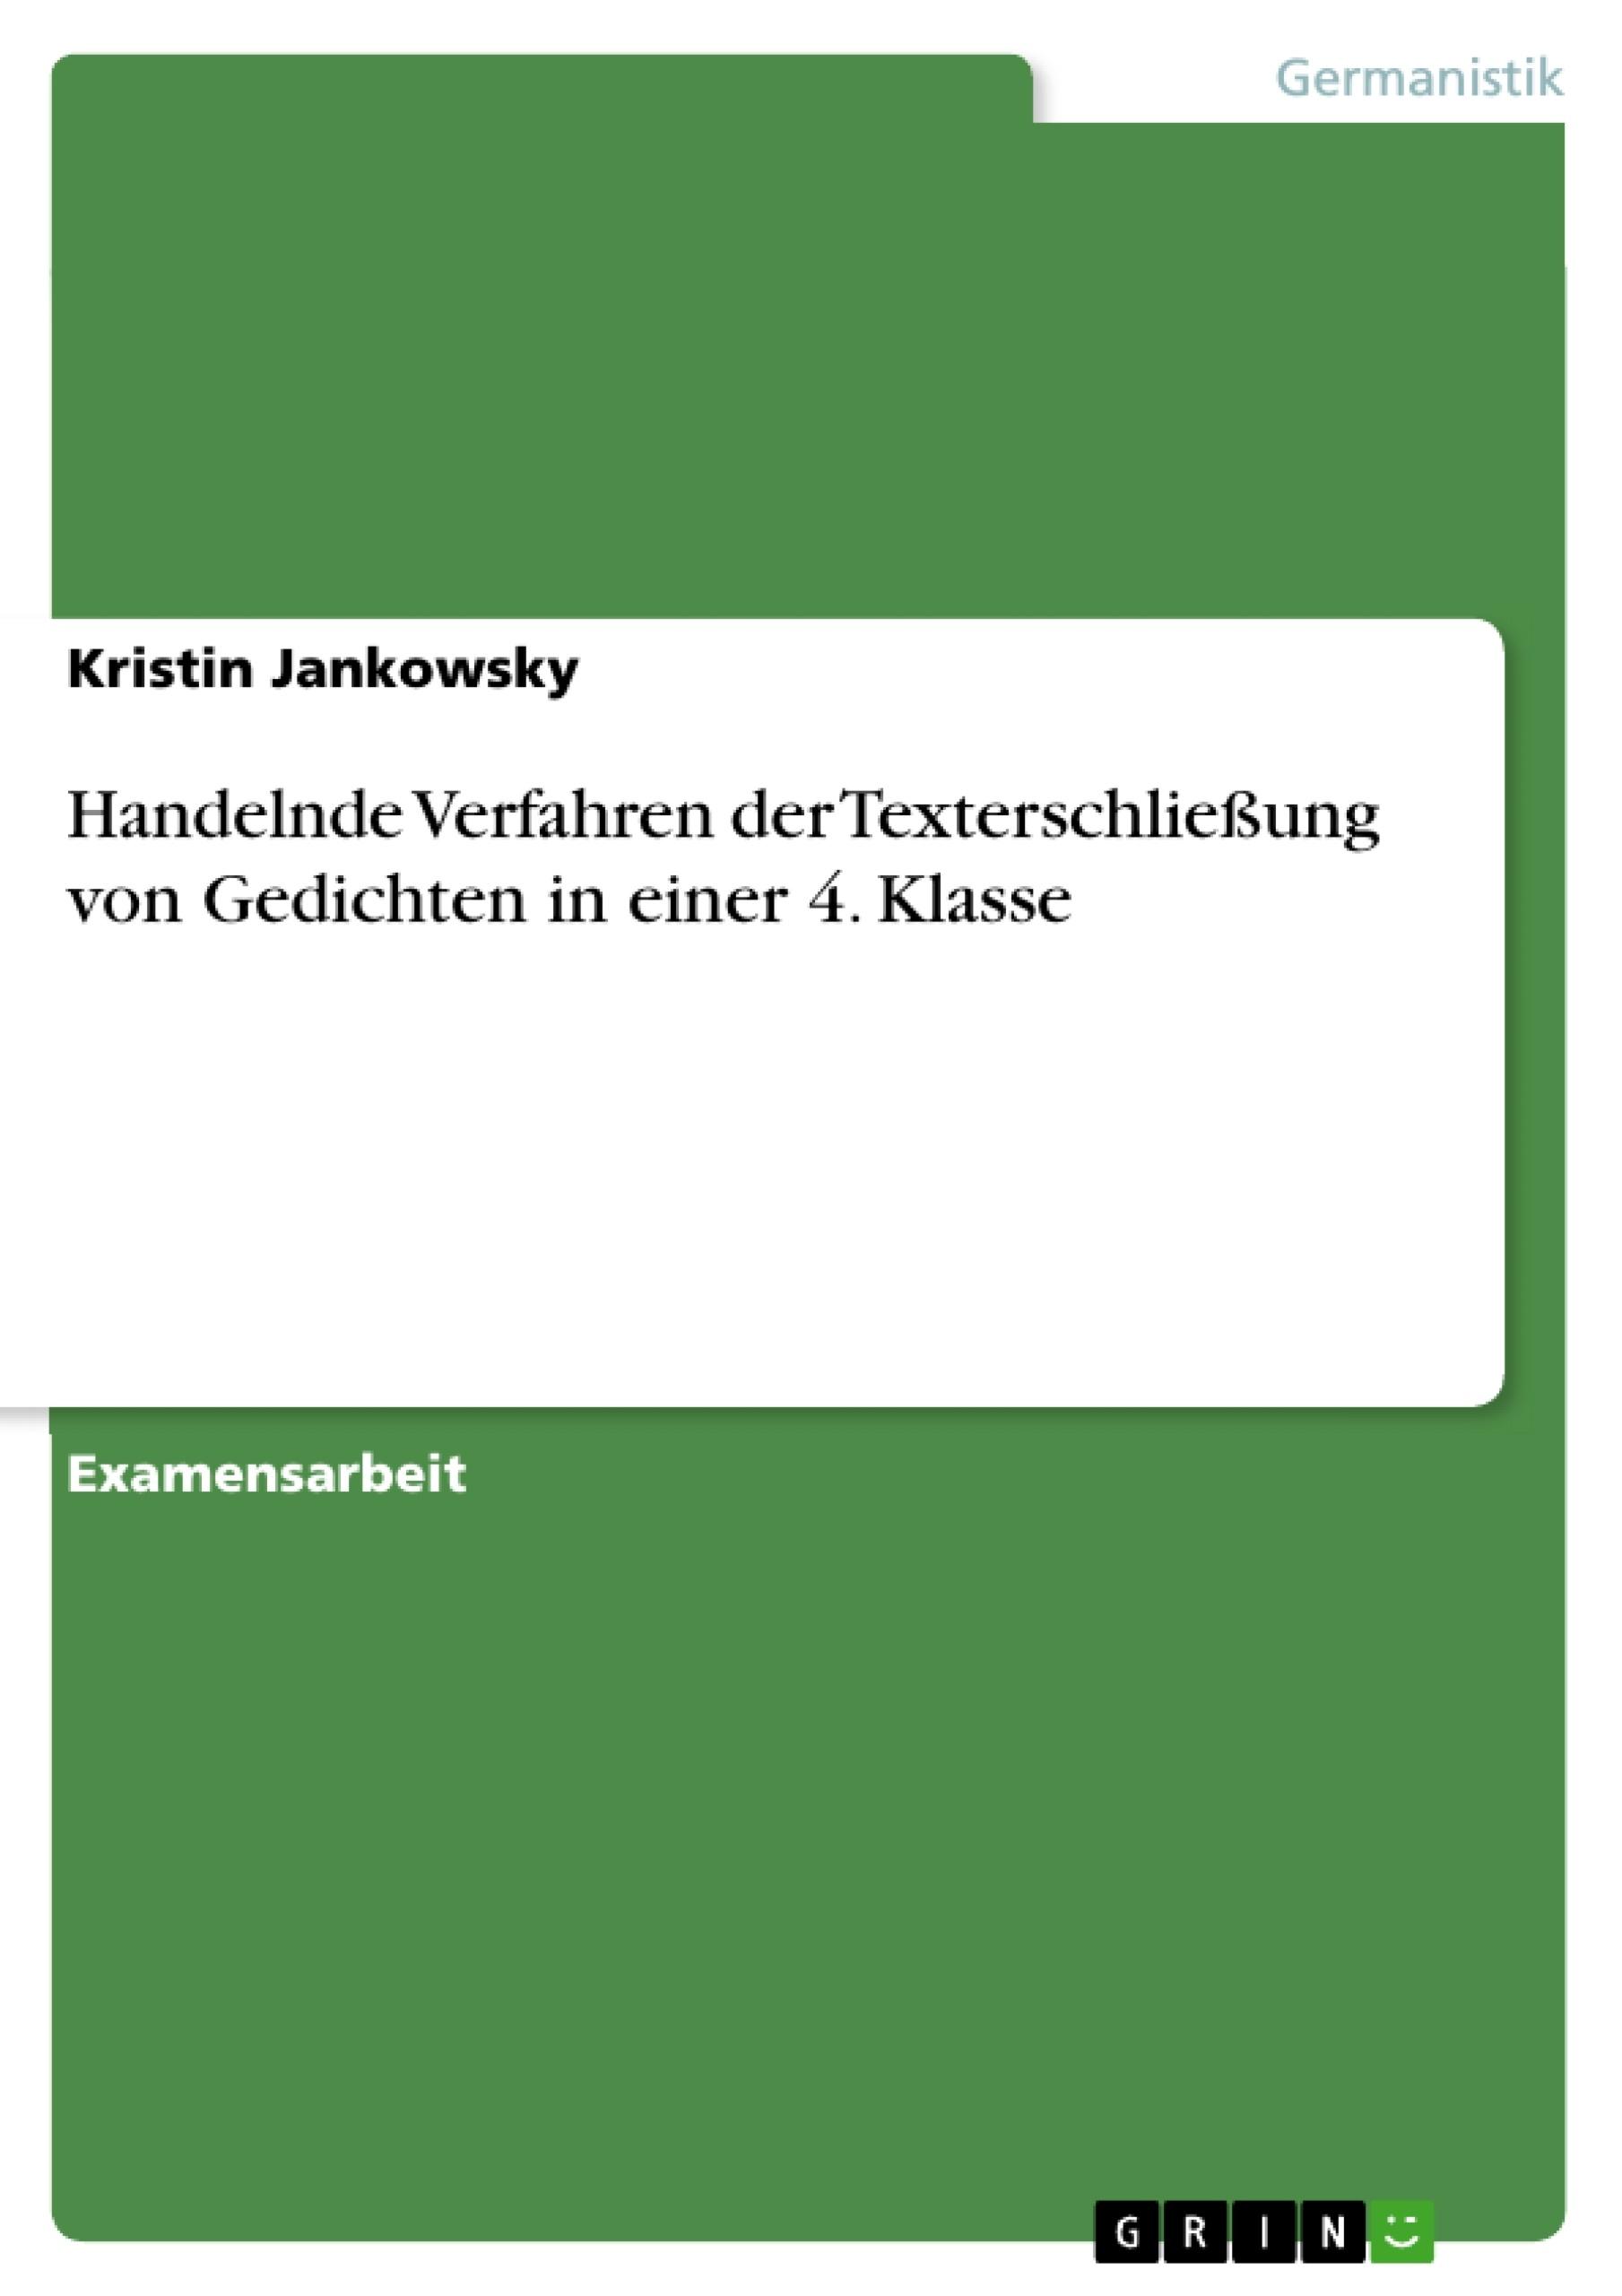 Titel: Handelnde Verfahren der Texterschließung von Gedichten in einer 4. Klasse